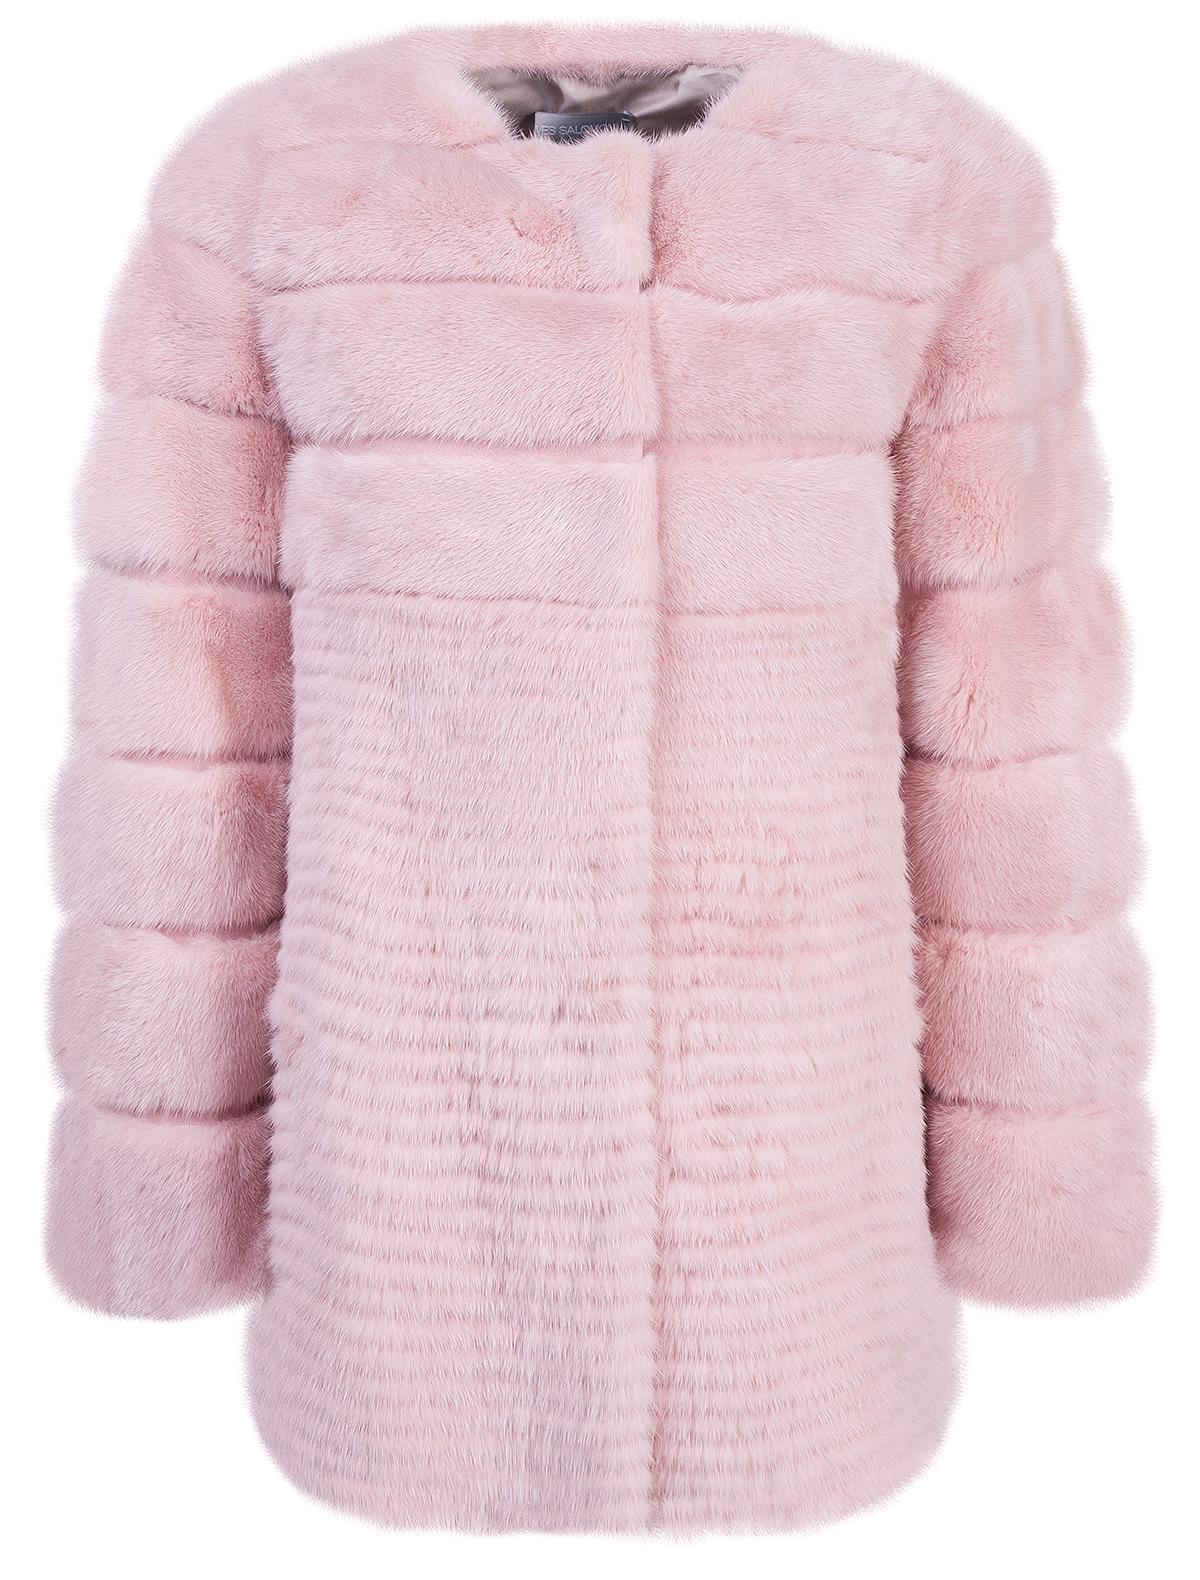 Купить 1912261, Пальто меховое (шуба) Yves Salomon, розовый, Женский, 1732608781409